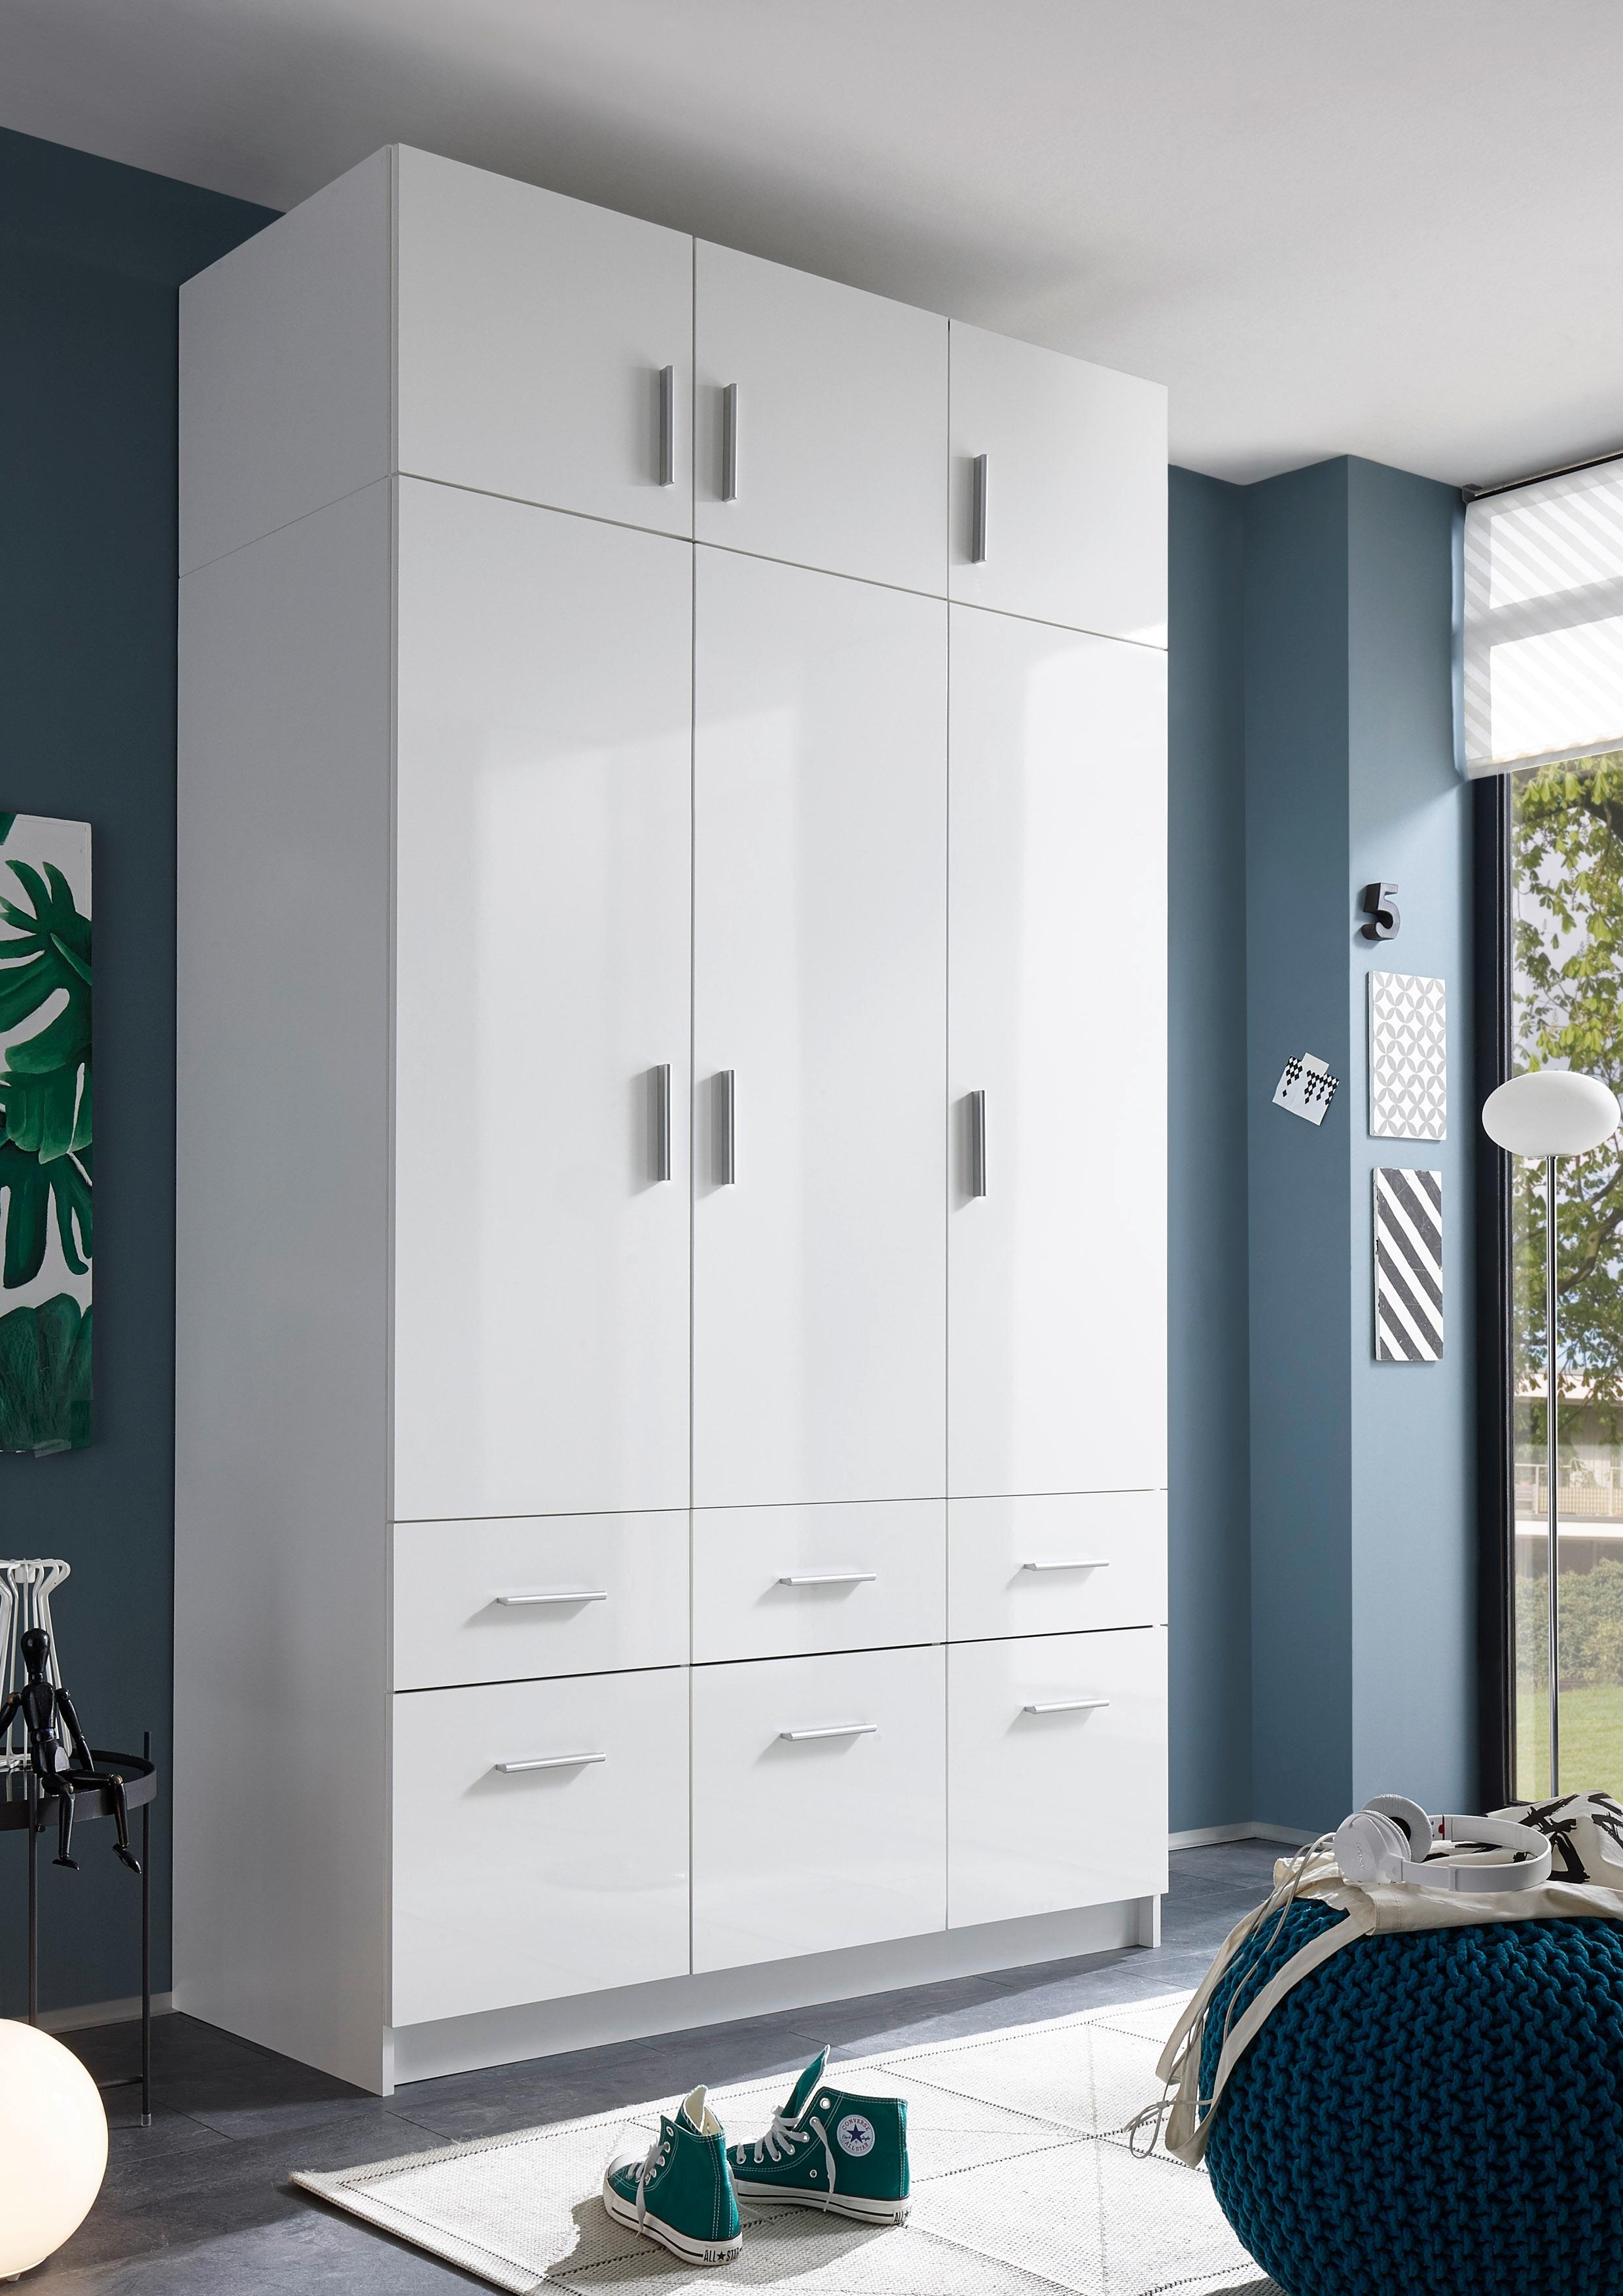 kleiderschrank mit aufsatz und schubk sten. Black Bedroom Furniture Sets. Home Design Ideas